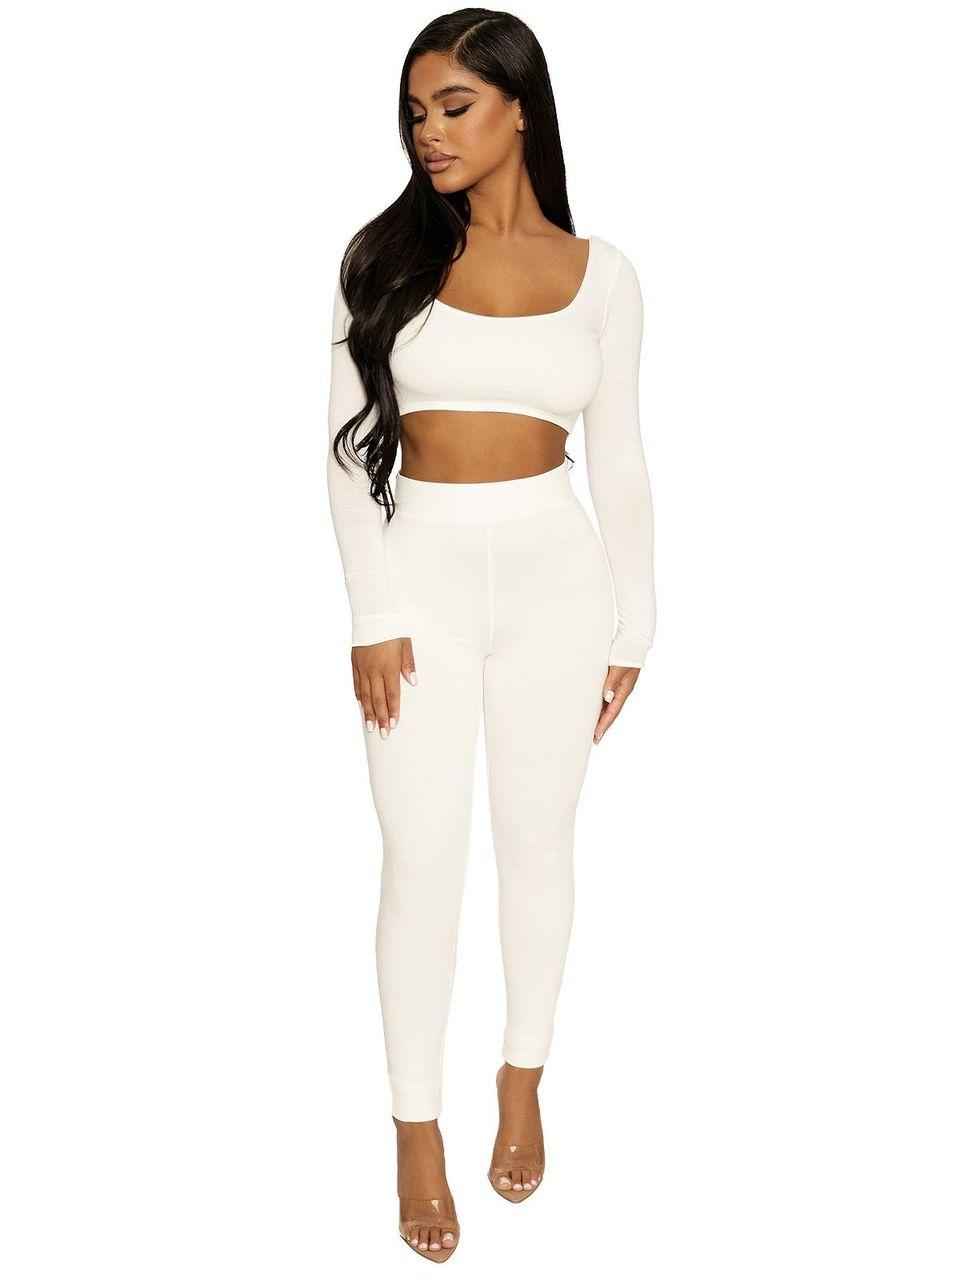 Naked Wardrobe - The NW Sleeveless Jumpsuit (White,One Size)